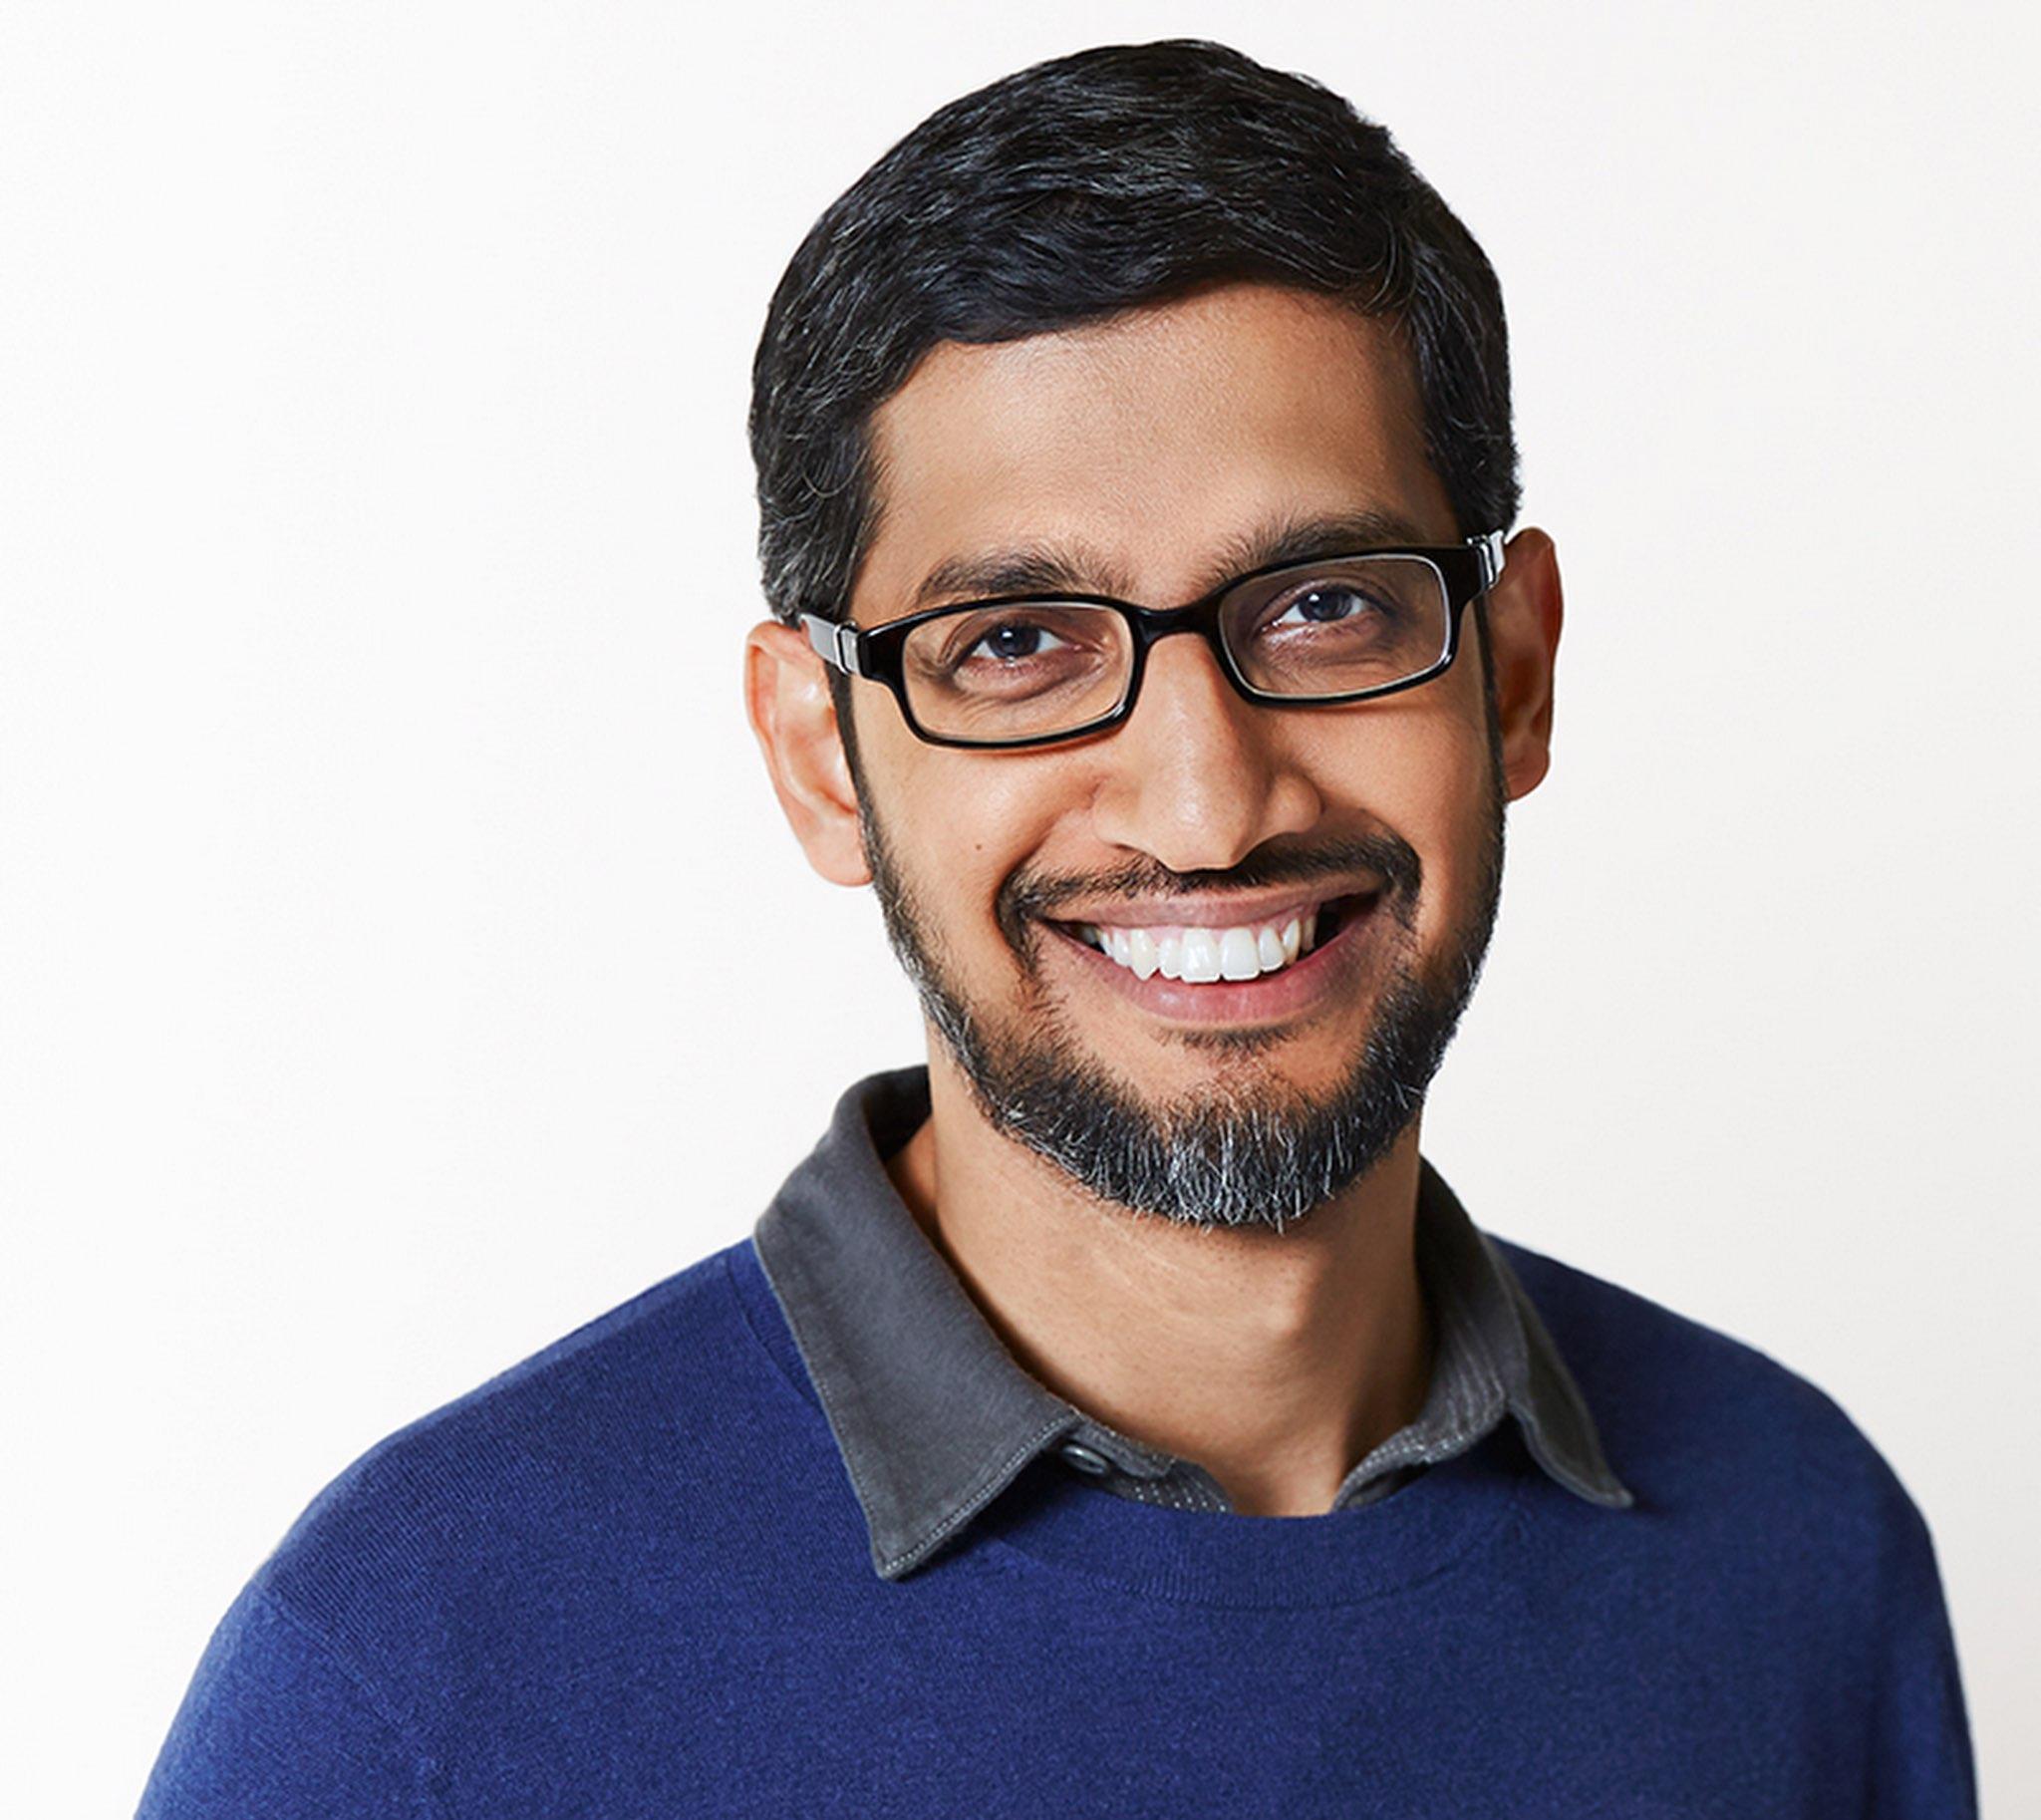 $5 Miljardin luokan toiminta Yhdysvalloissa liittyy Google Chromen seurantaan inkognito-tilassa 1